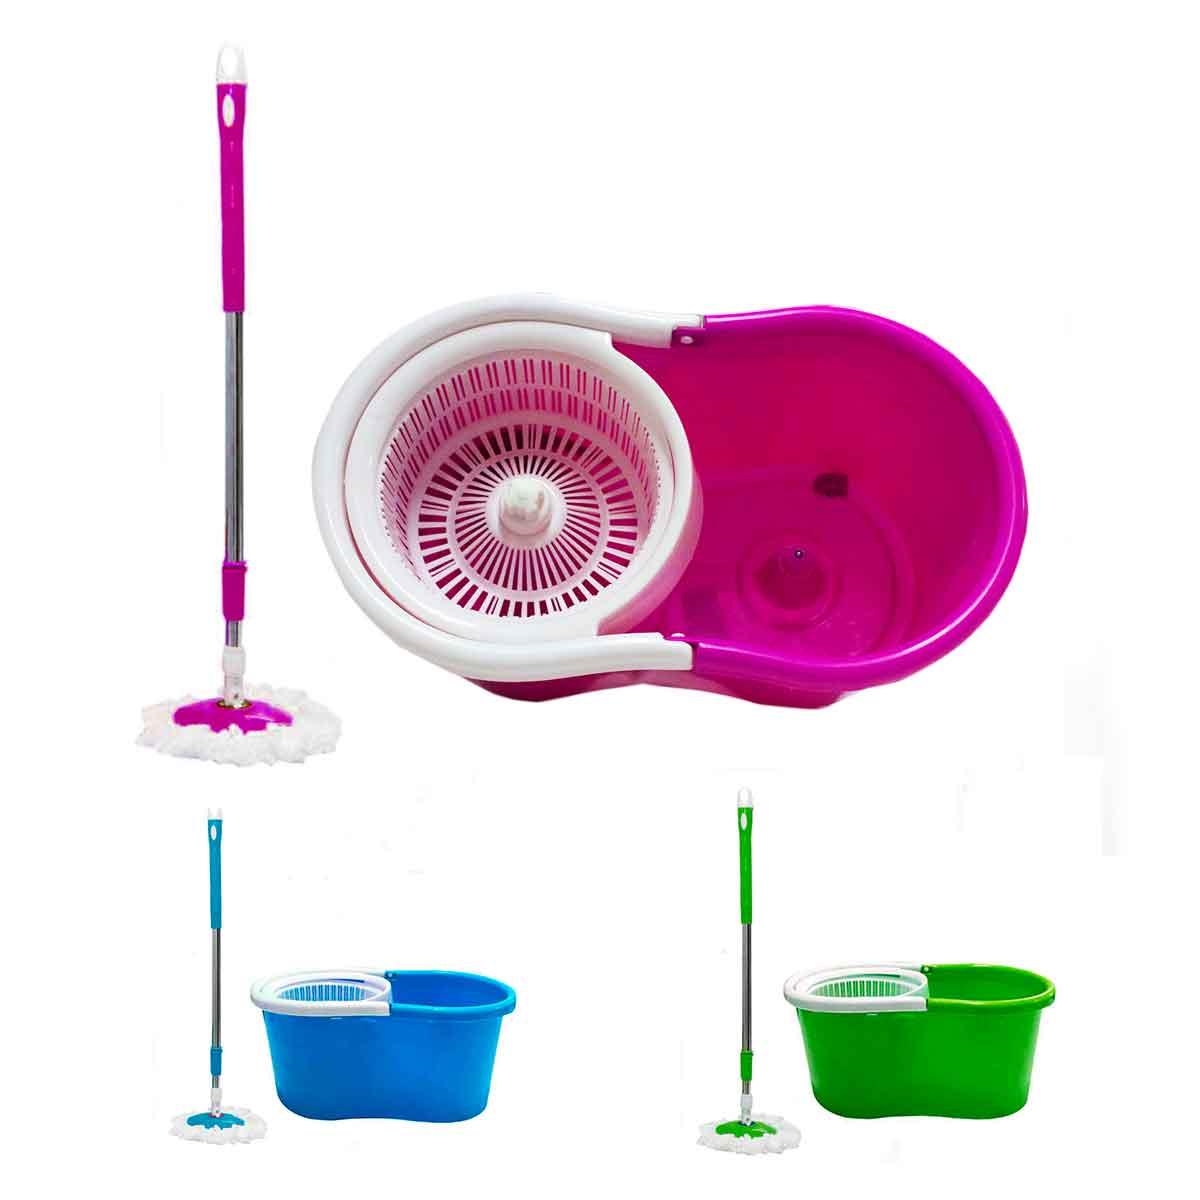 Balde Spin Mop Com Esfregão Microfibra Refil Gratis